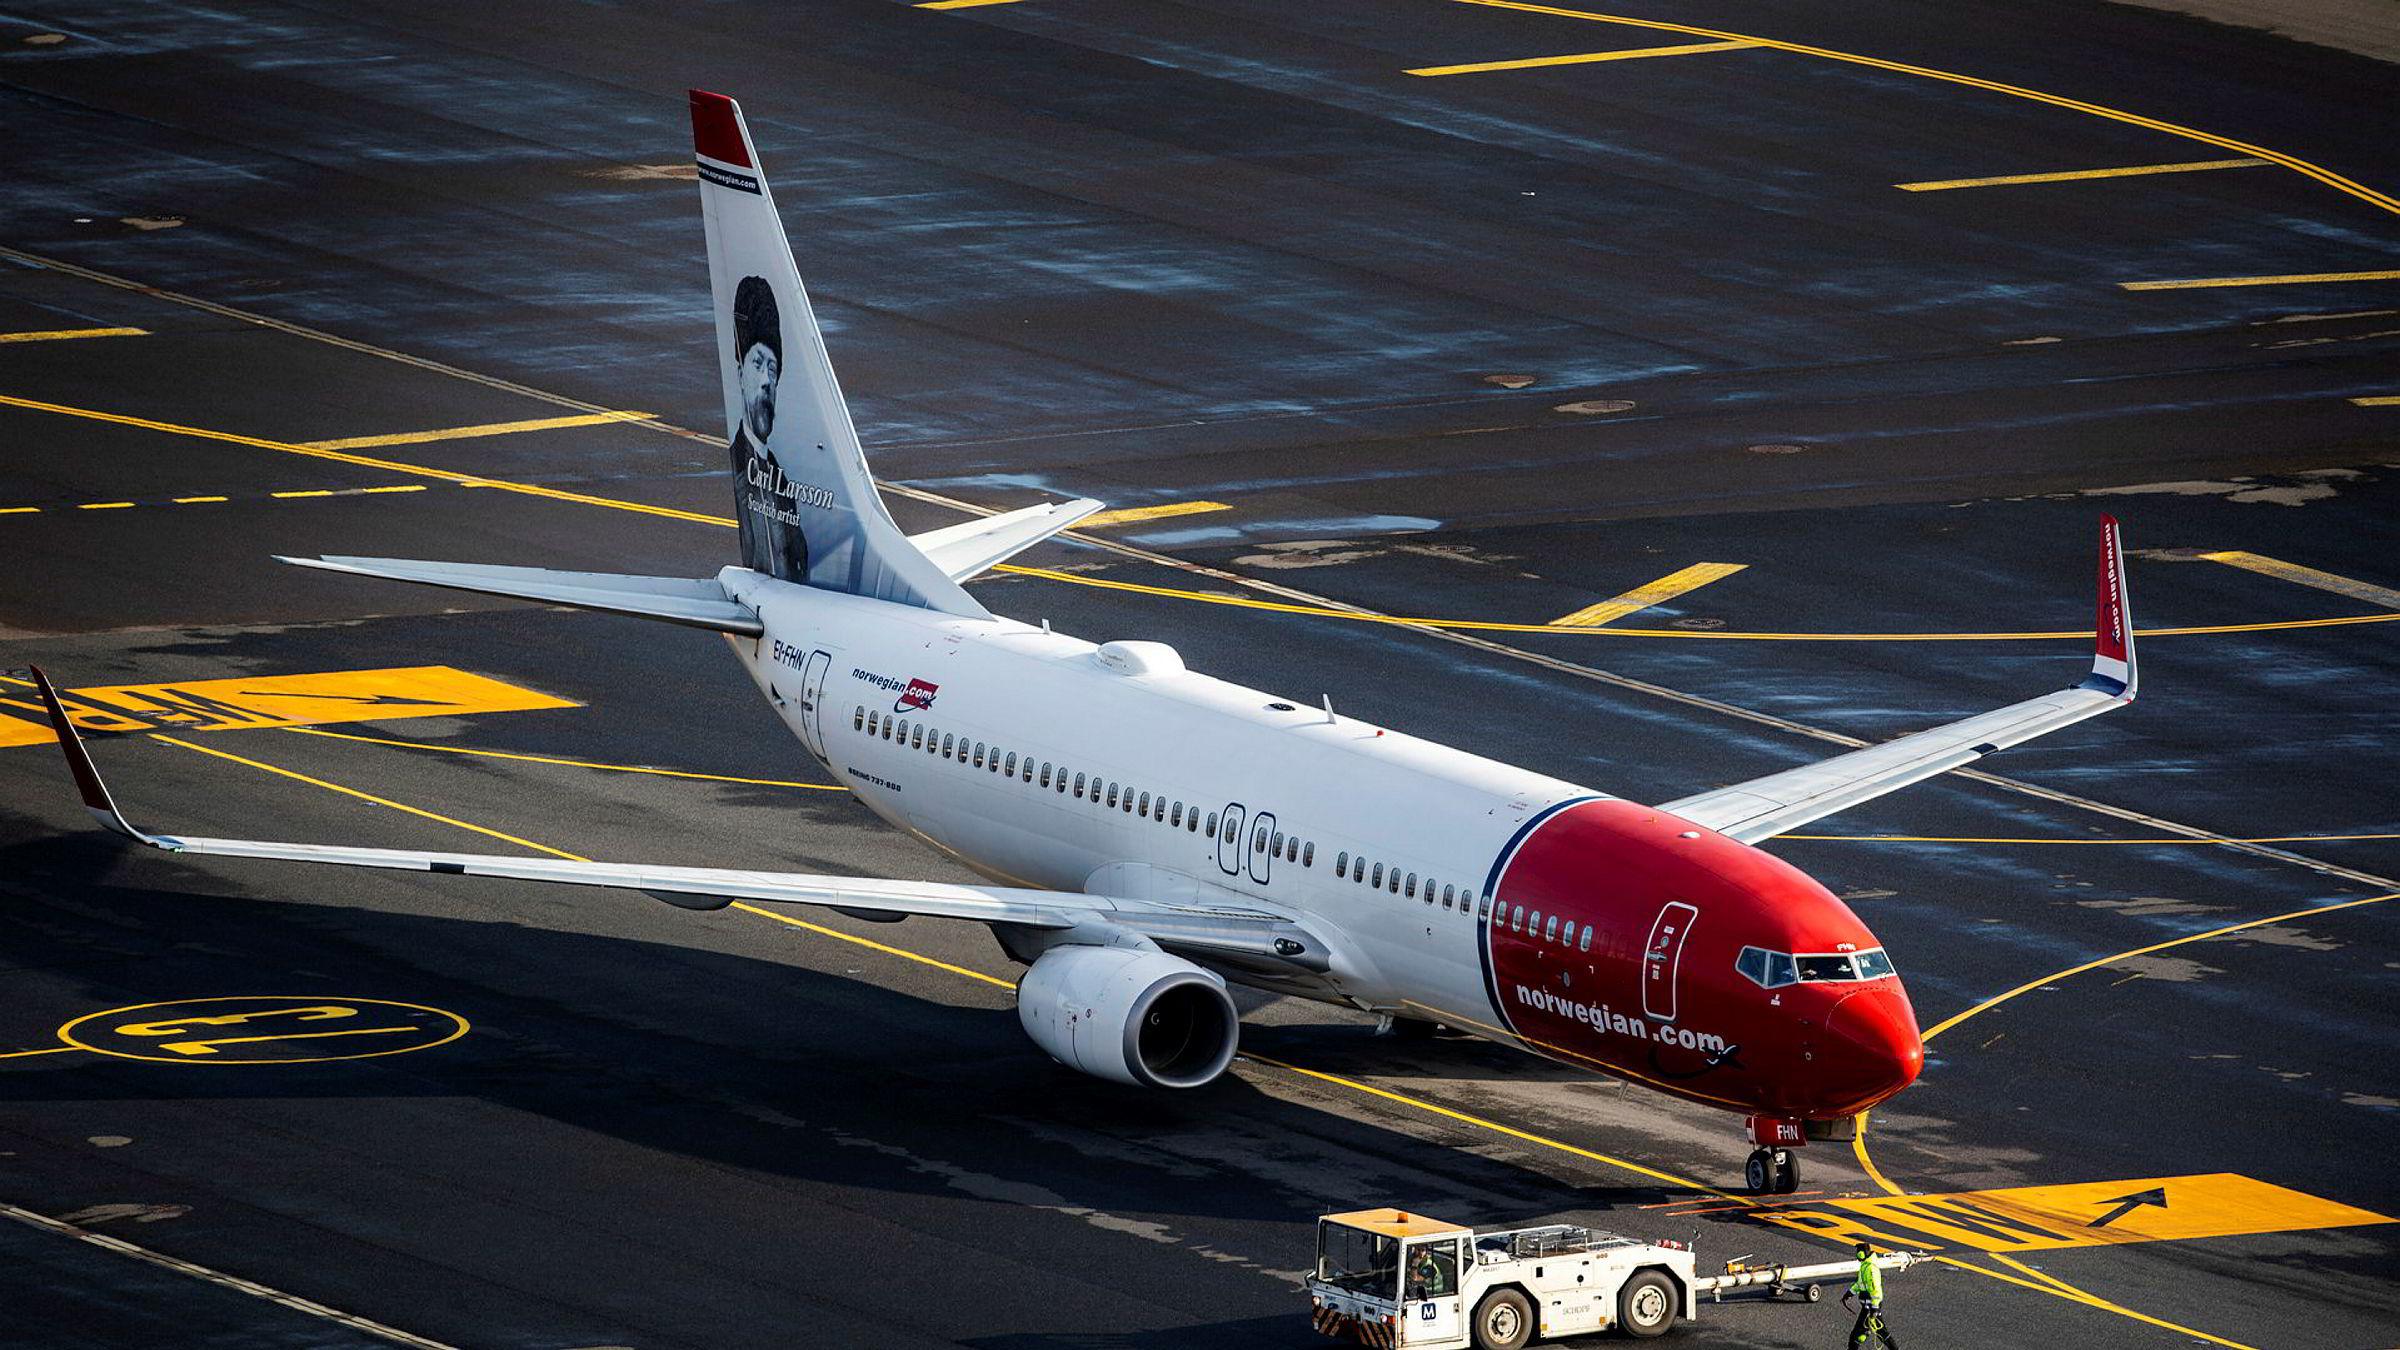 Et Norwegian fly på Oslo lufthavn.